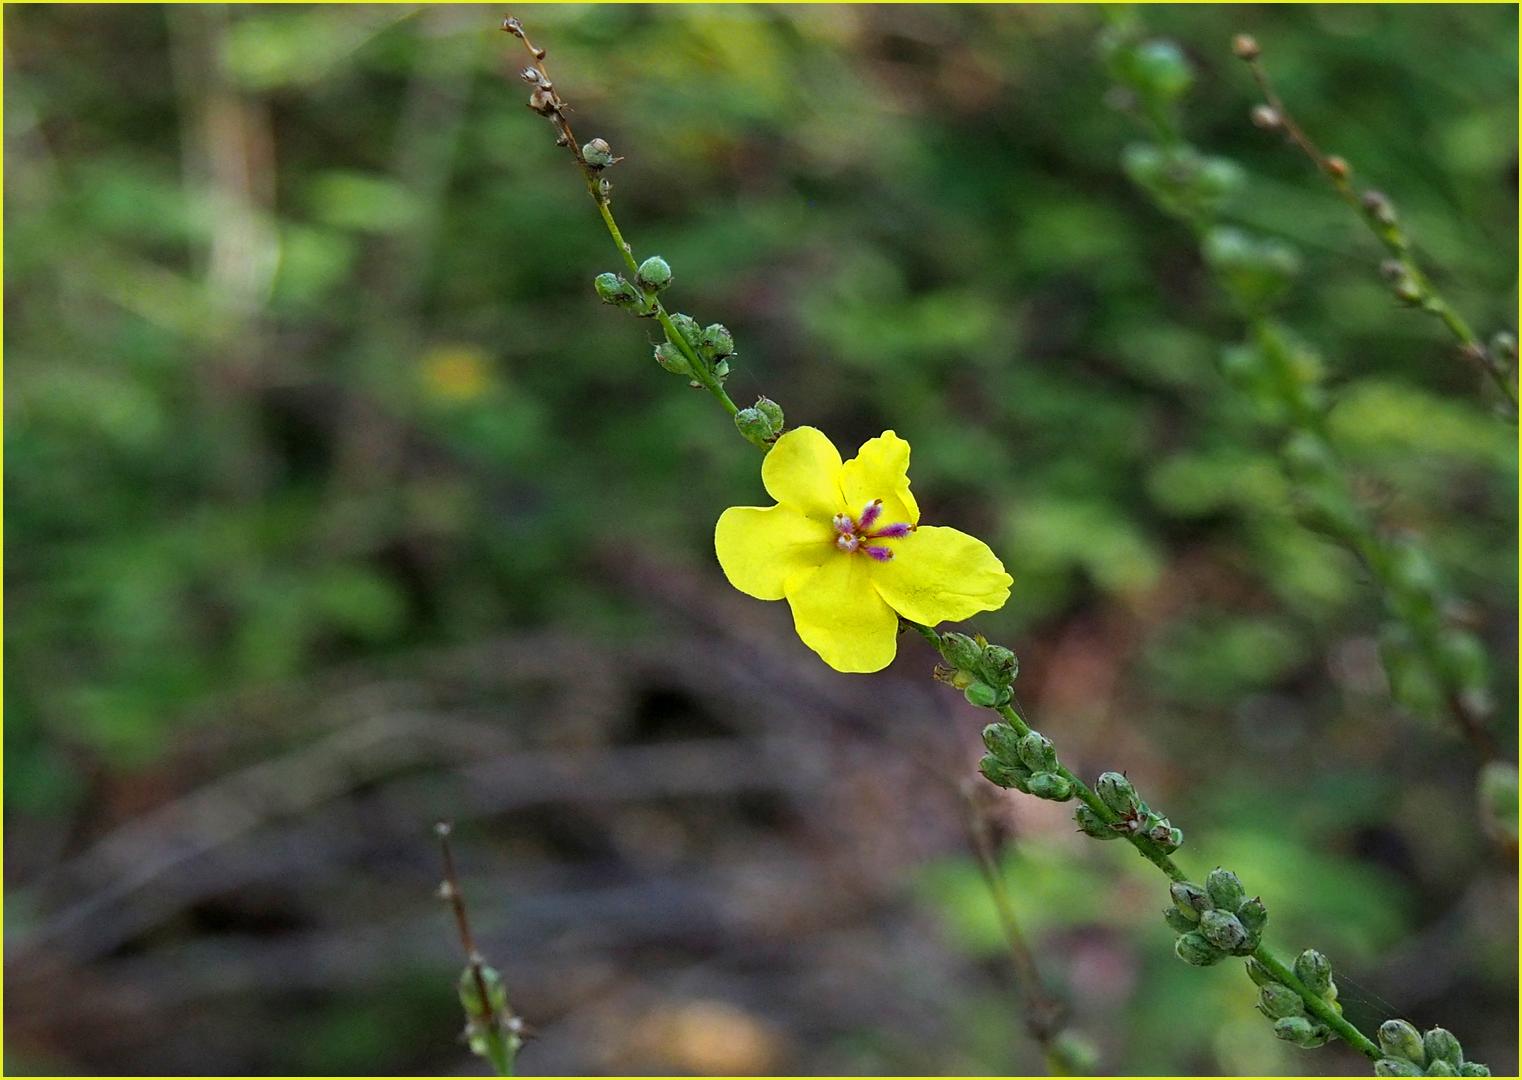 Petite fleur jaune sauvage